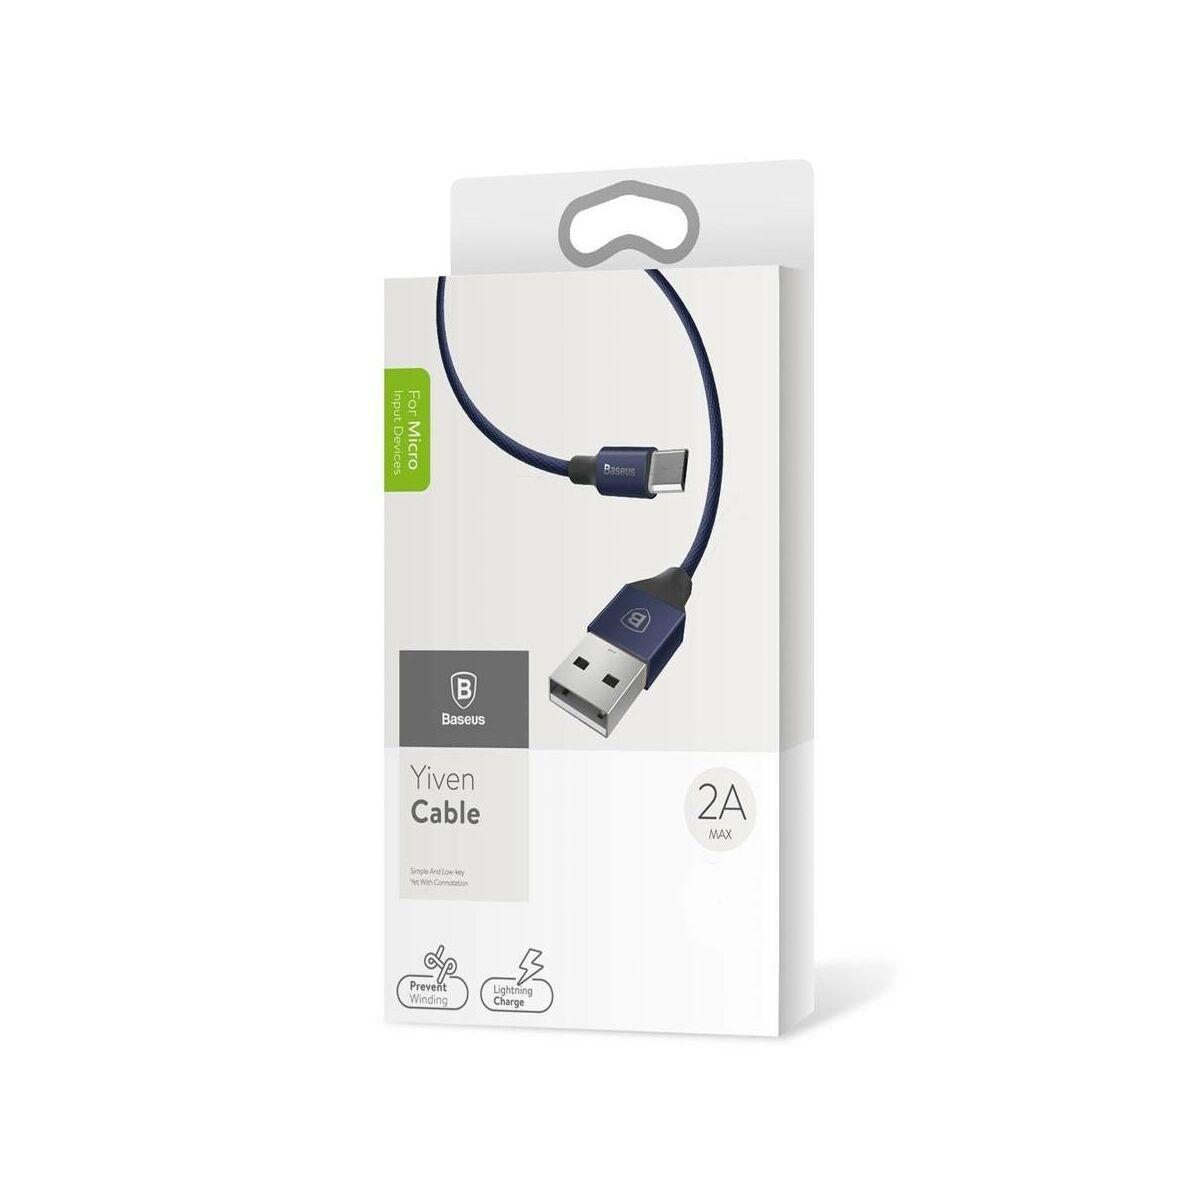 Baseus Micro USB kábel, Yiven kábel, 2A, 1.5m, sötétkék (CAMYW-B13)